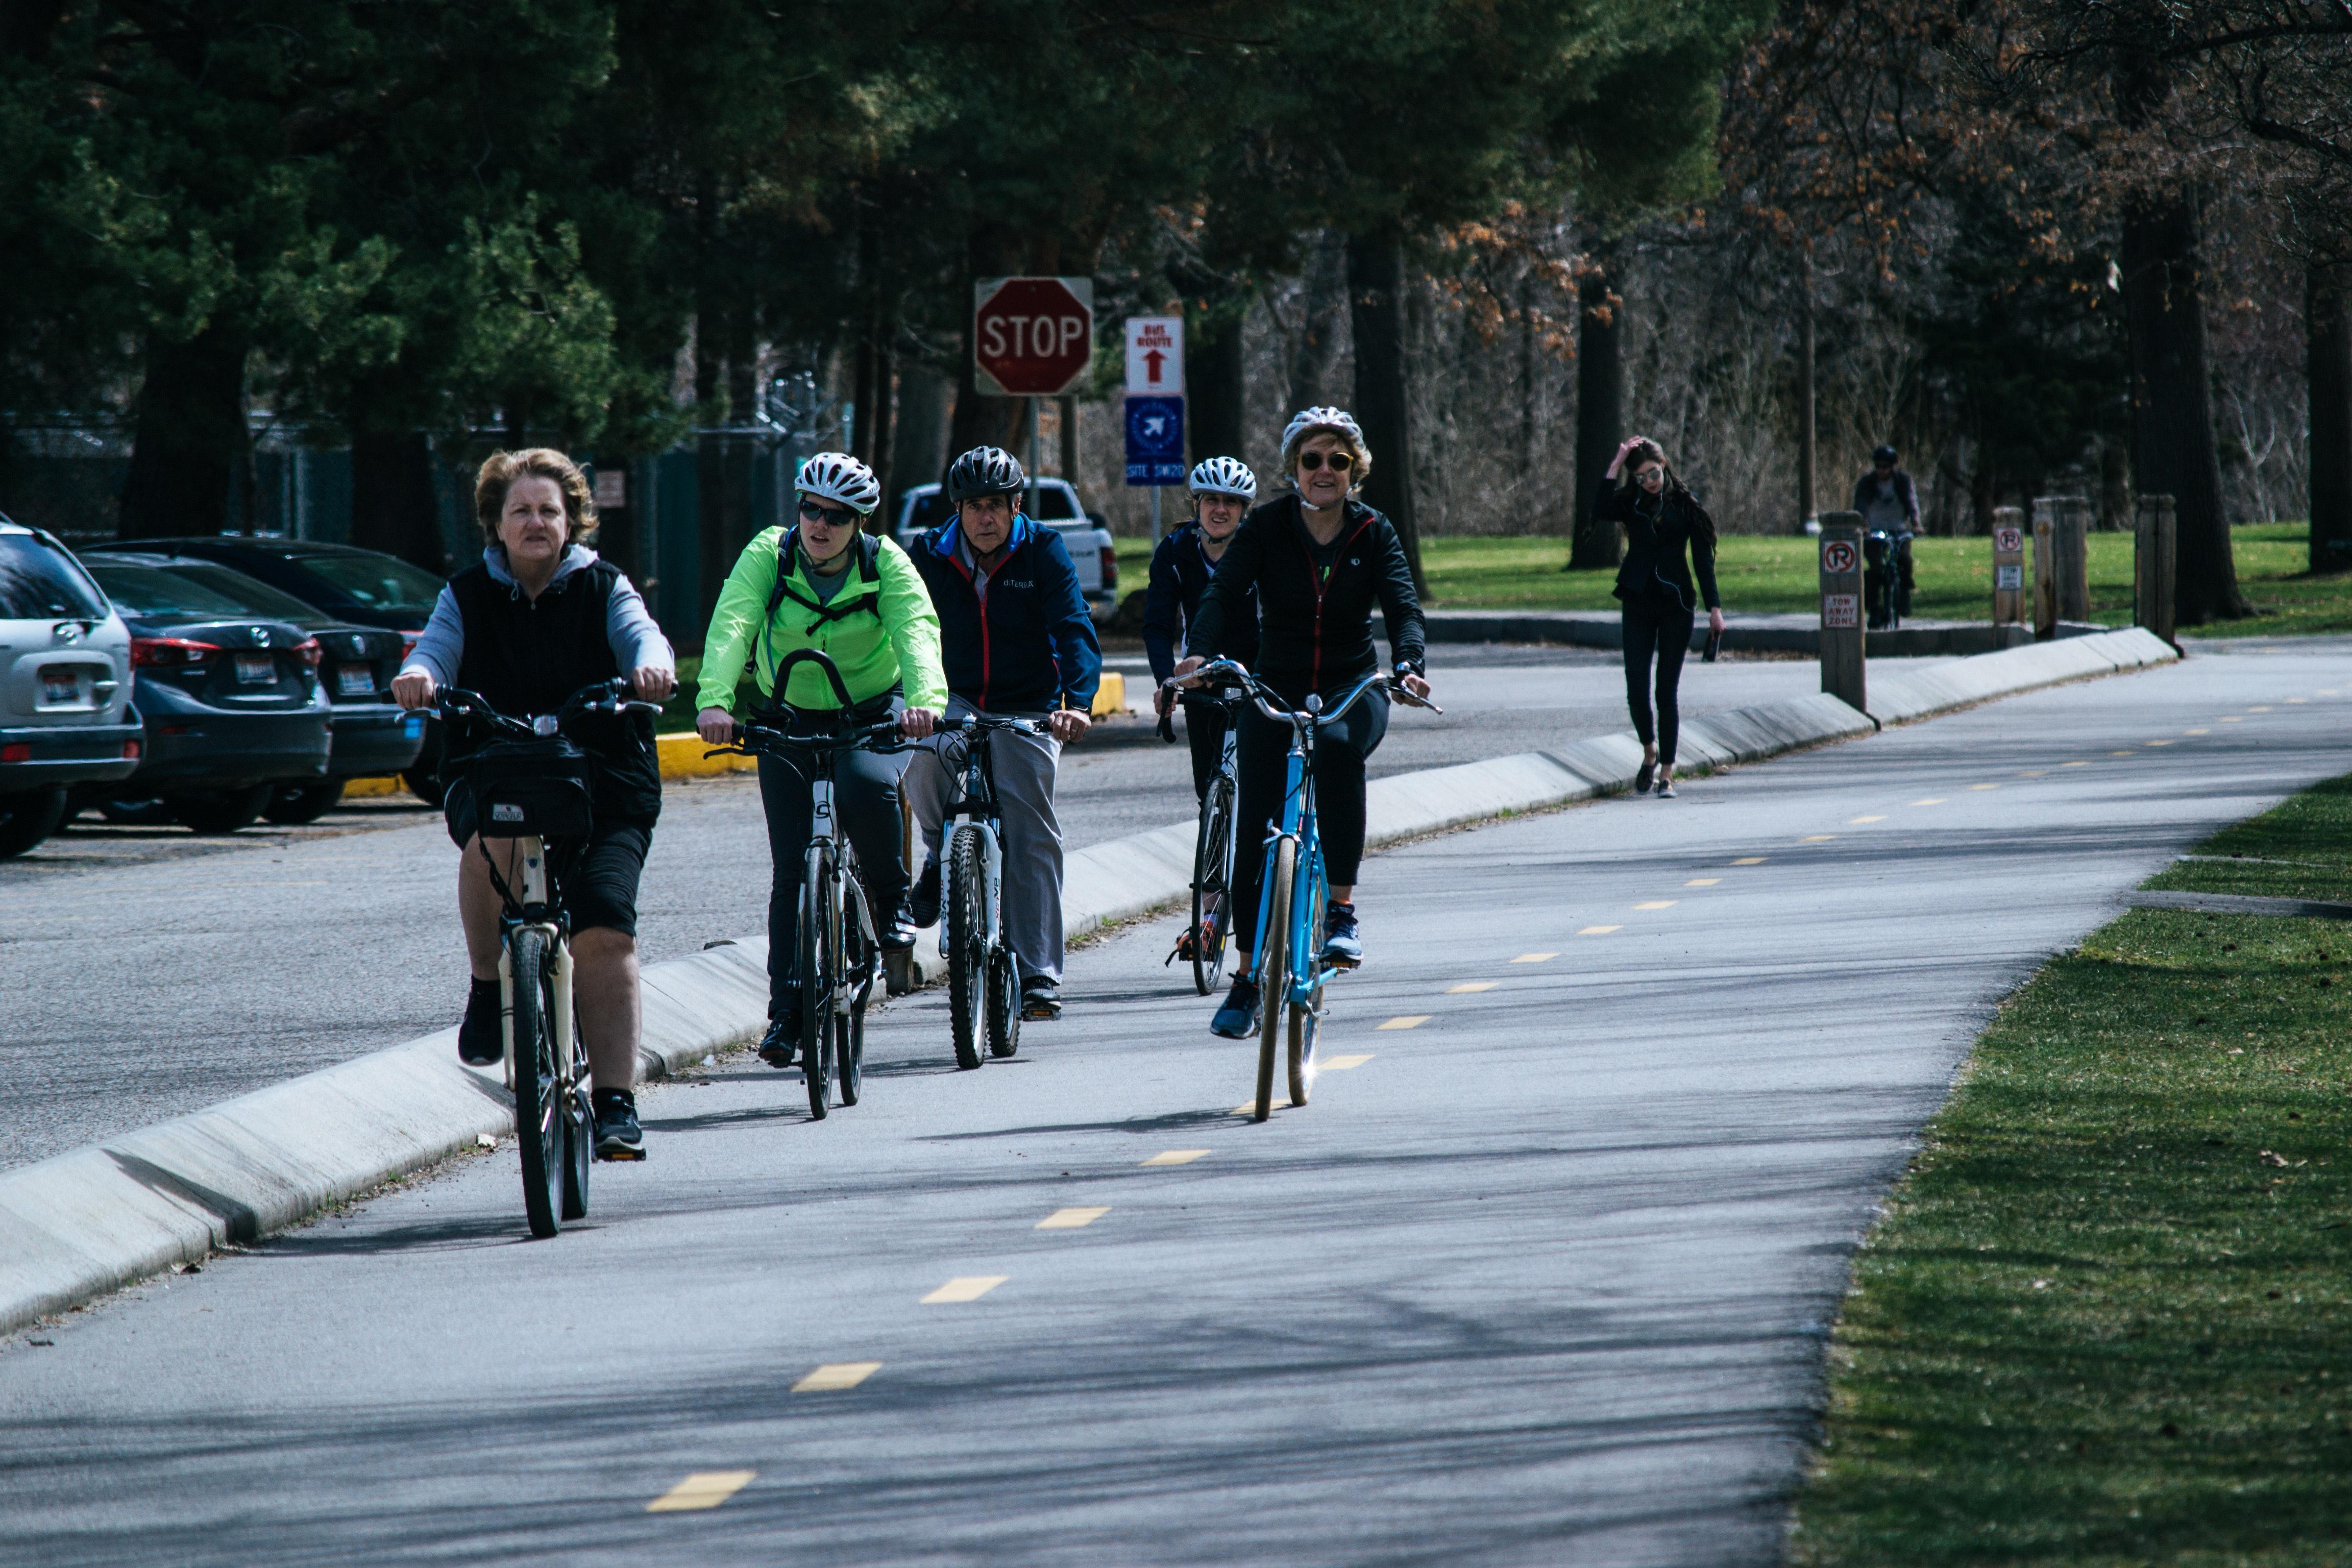 オランダは車より自転車が危険